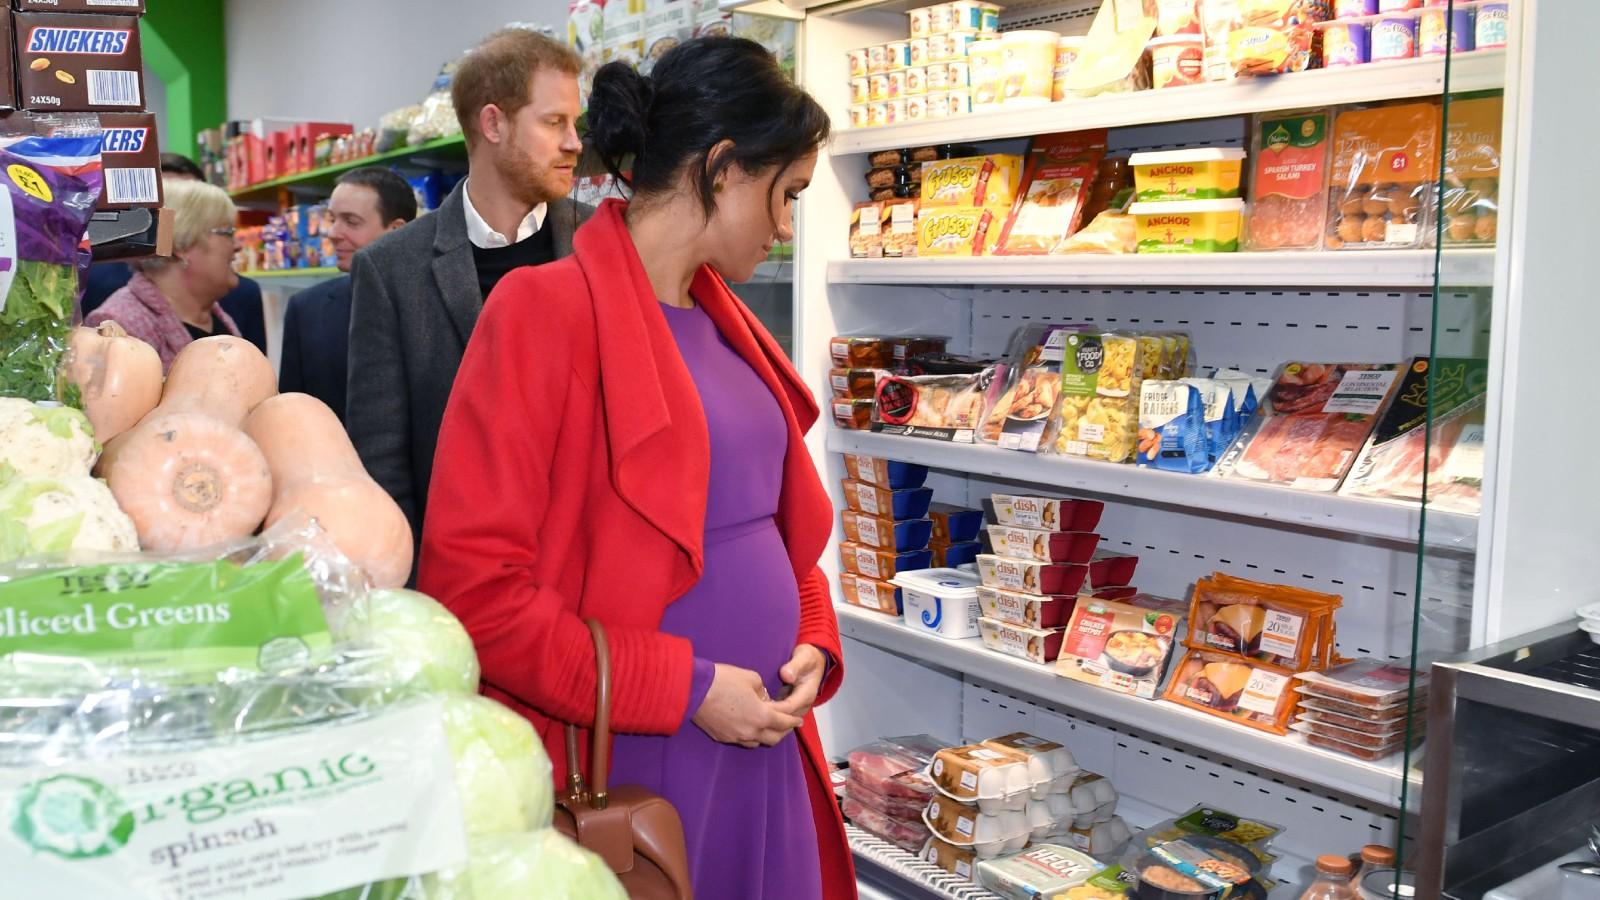 Le prince Harry, duc de Sussex, et Meghan, duchesse de Sussex, regardent les produits exposés à la vente lors de l'ouverture officielle de